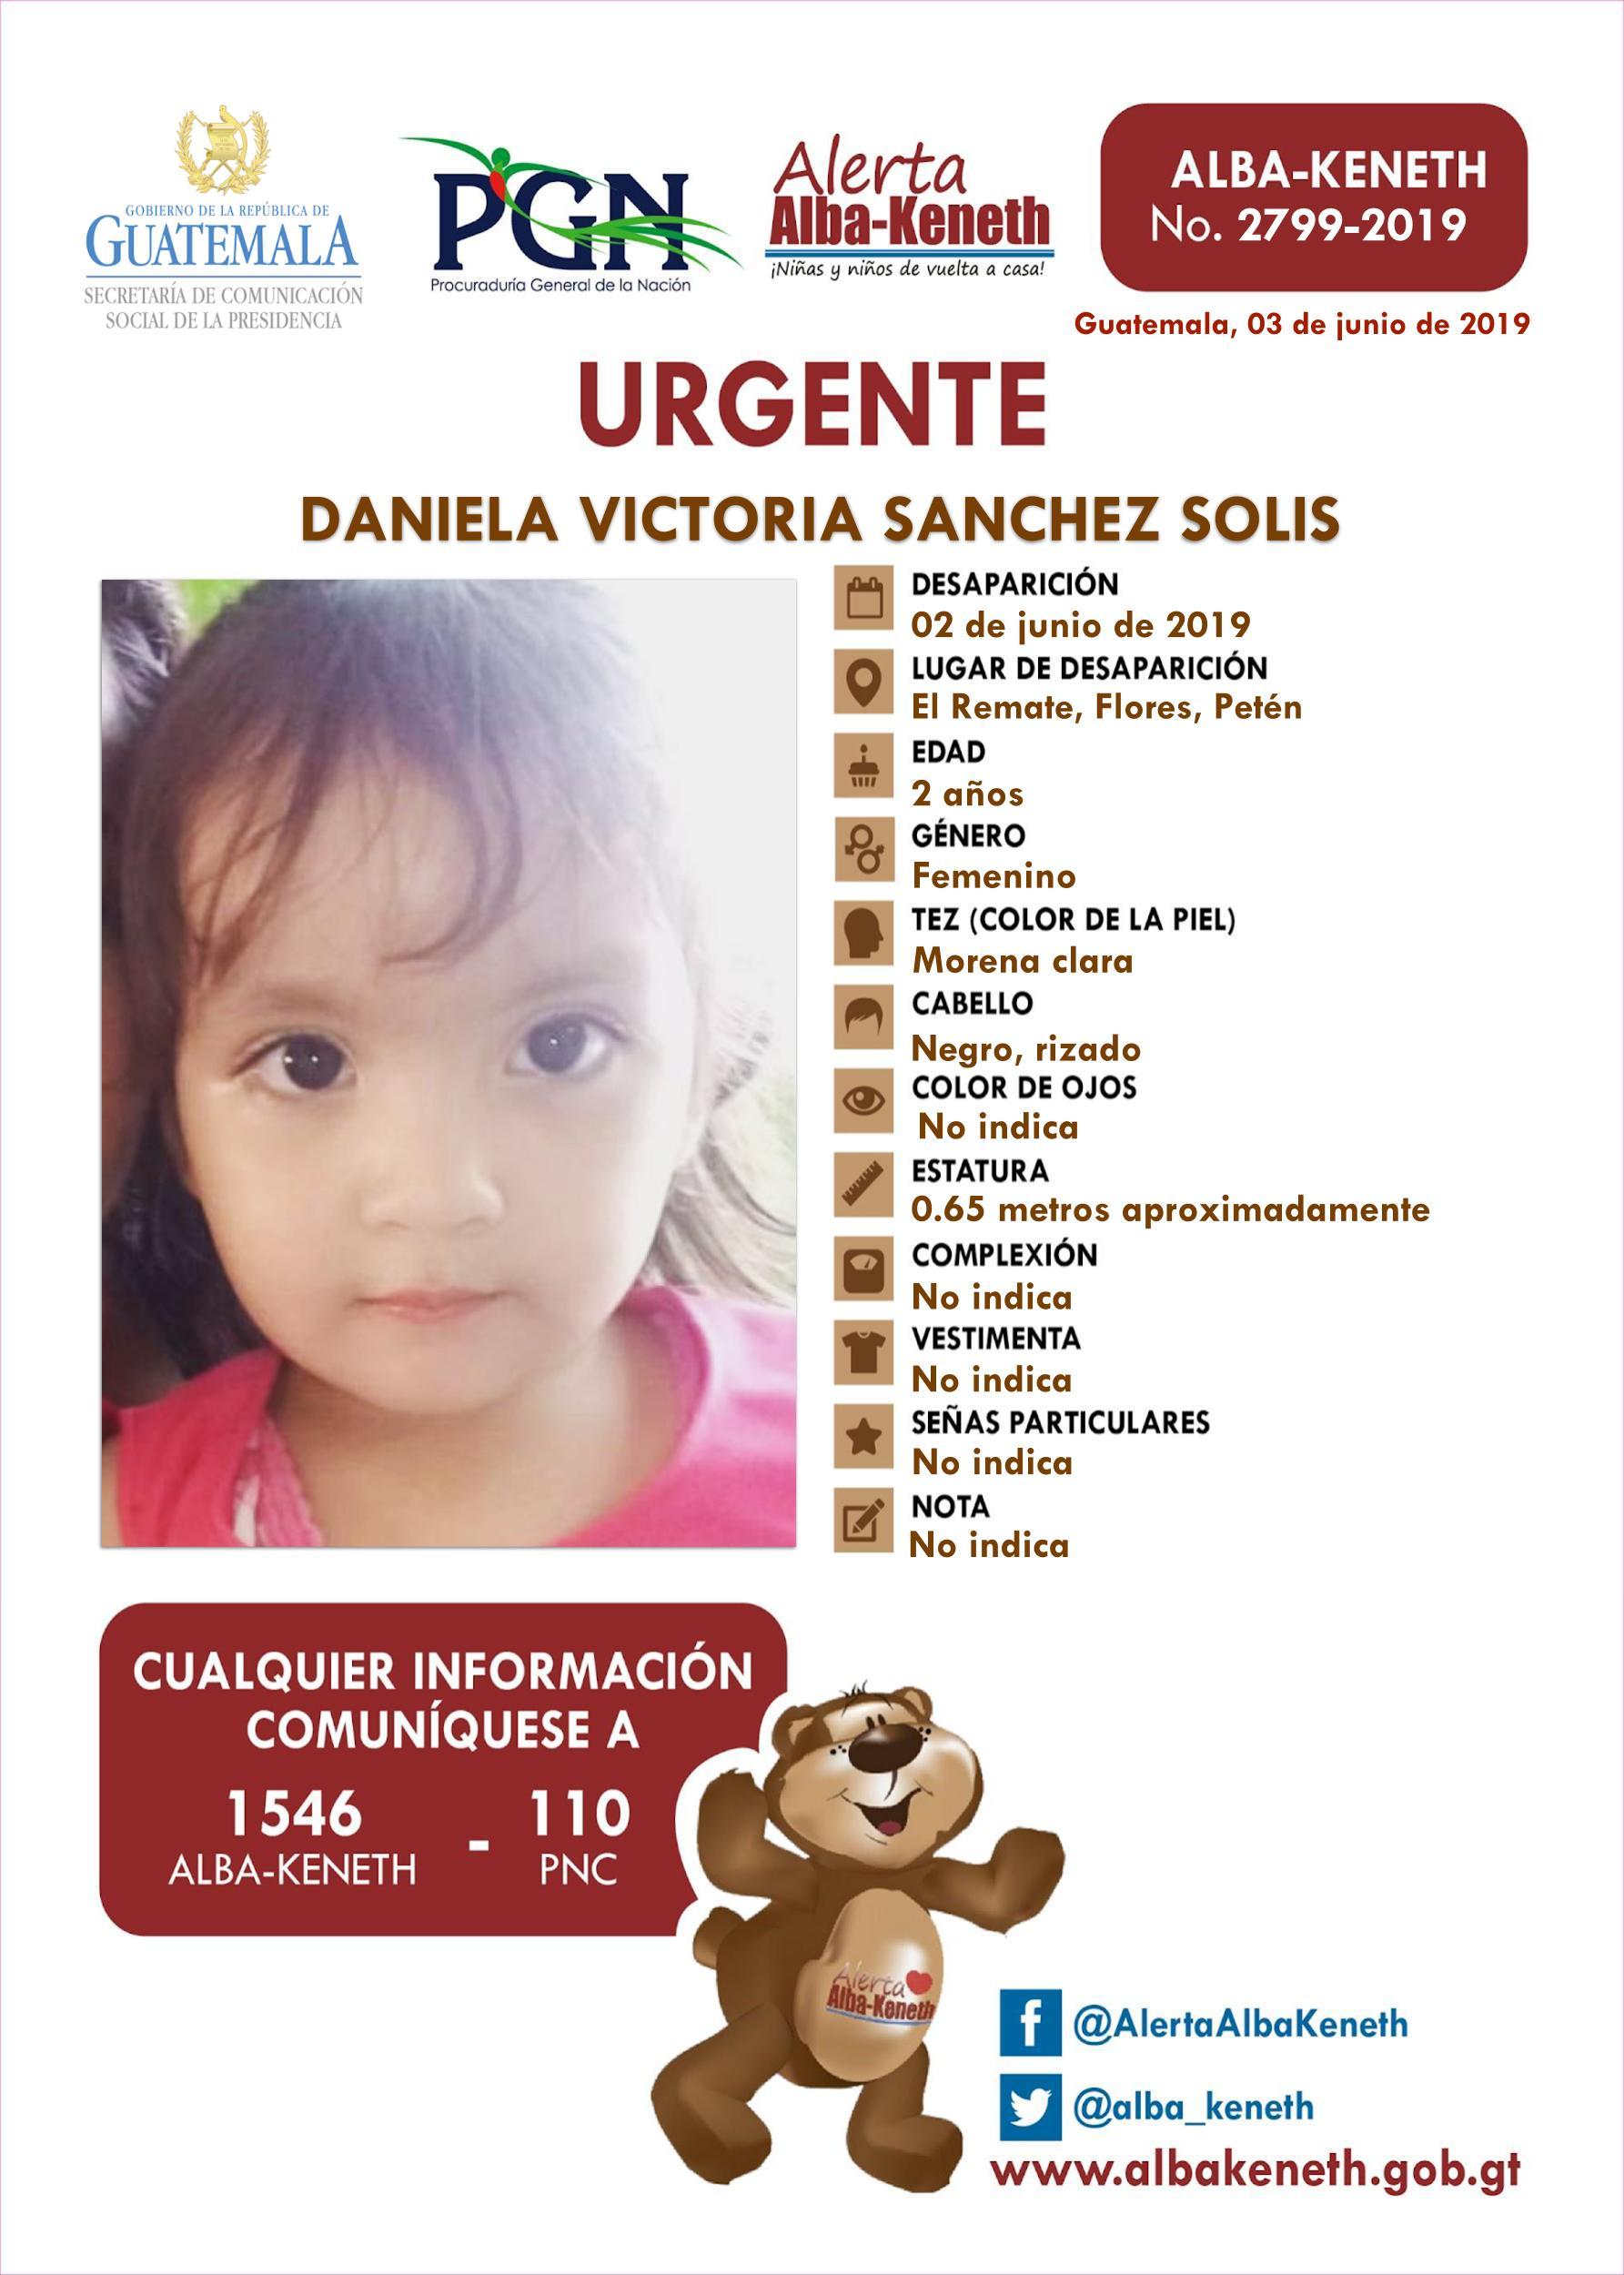 Daniela Victoria Sanchez Solis